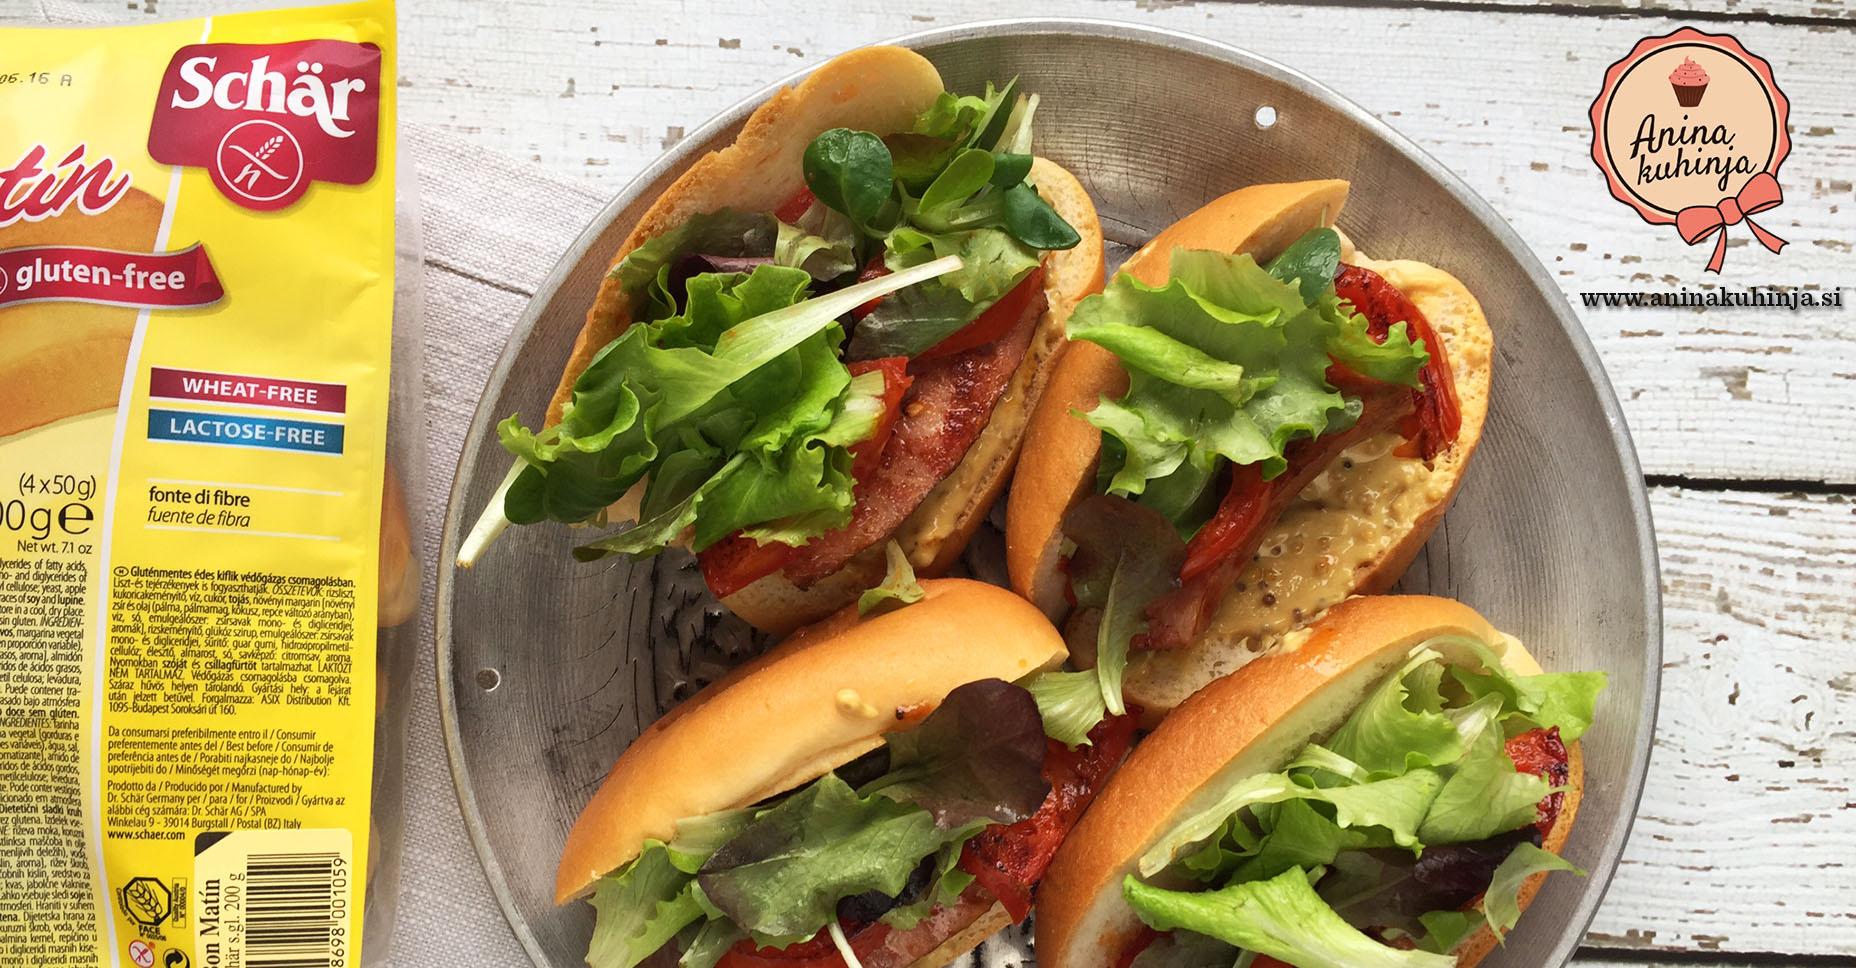 Mini hotdogi s kranjsko klobaso in polnozrnato gorčico